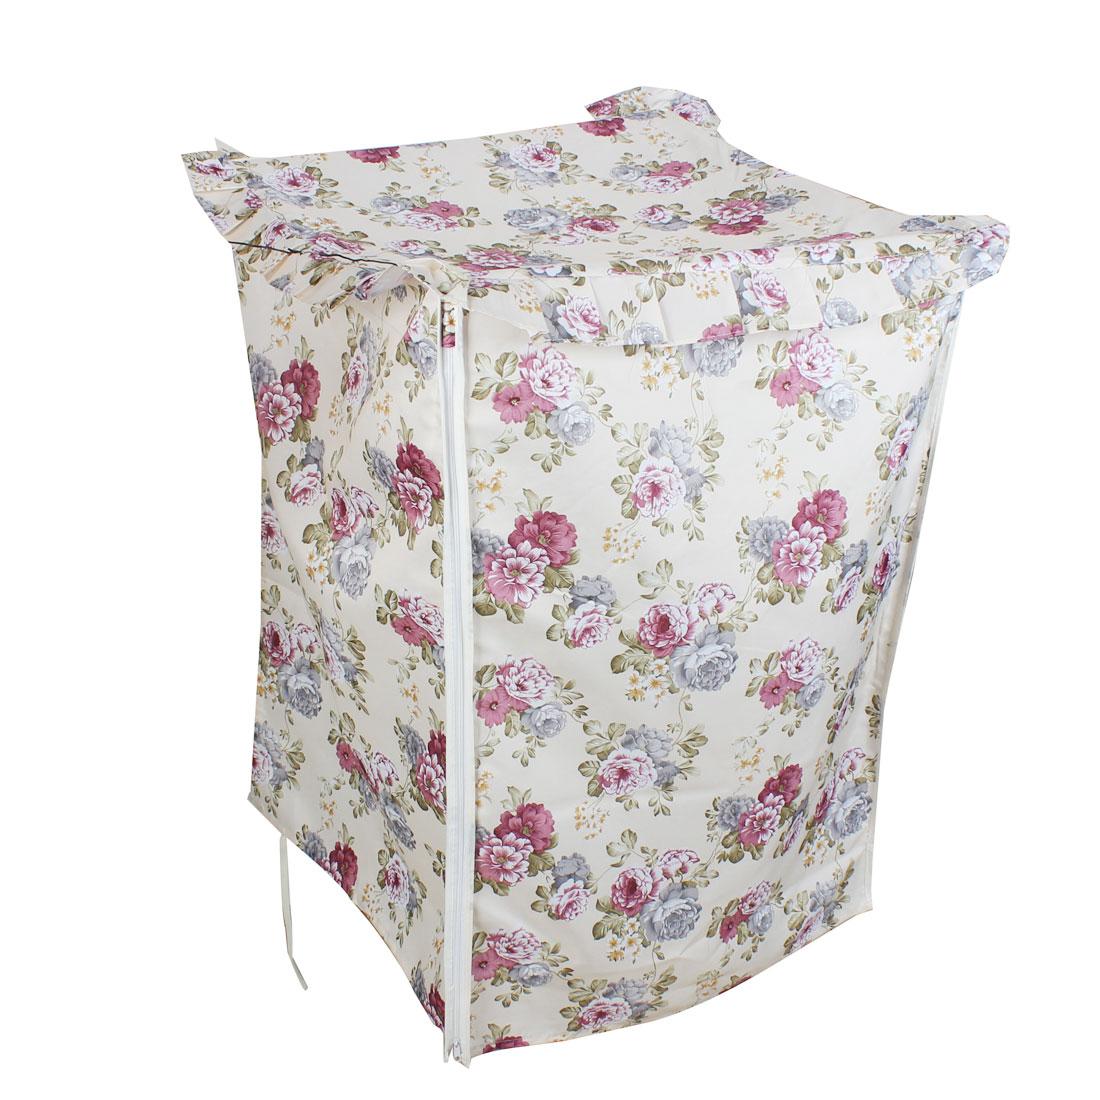 Polyester Chrysanthemum Print Zip Closure Washing Machine Dust Cover